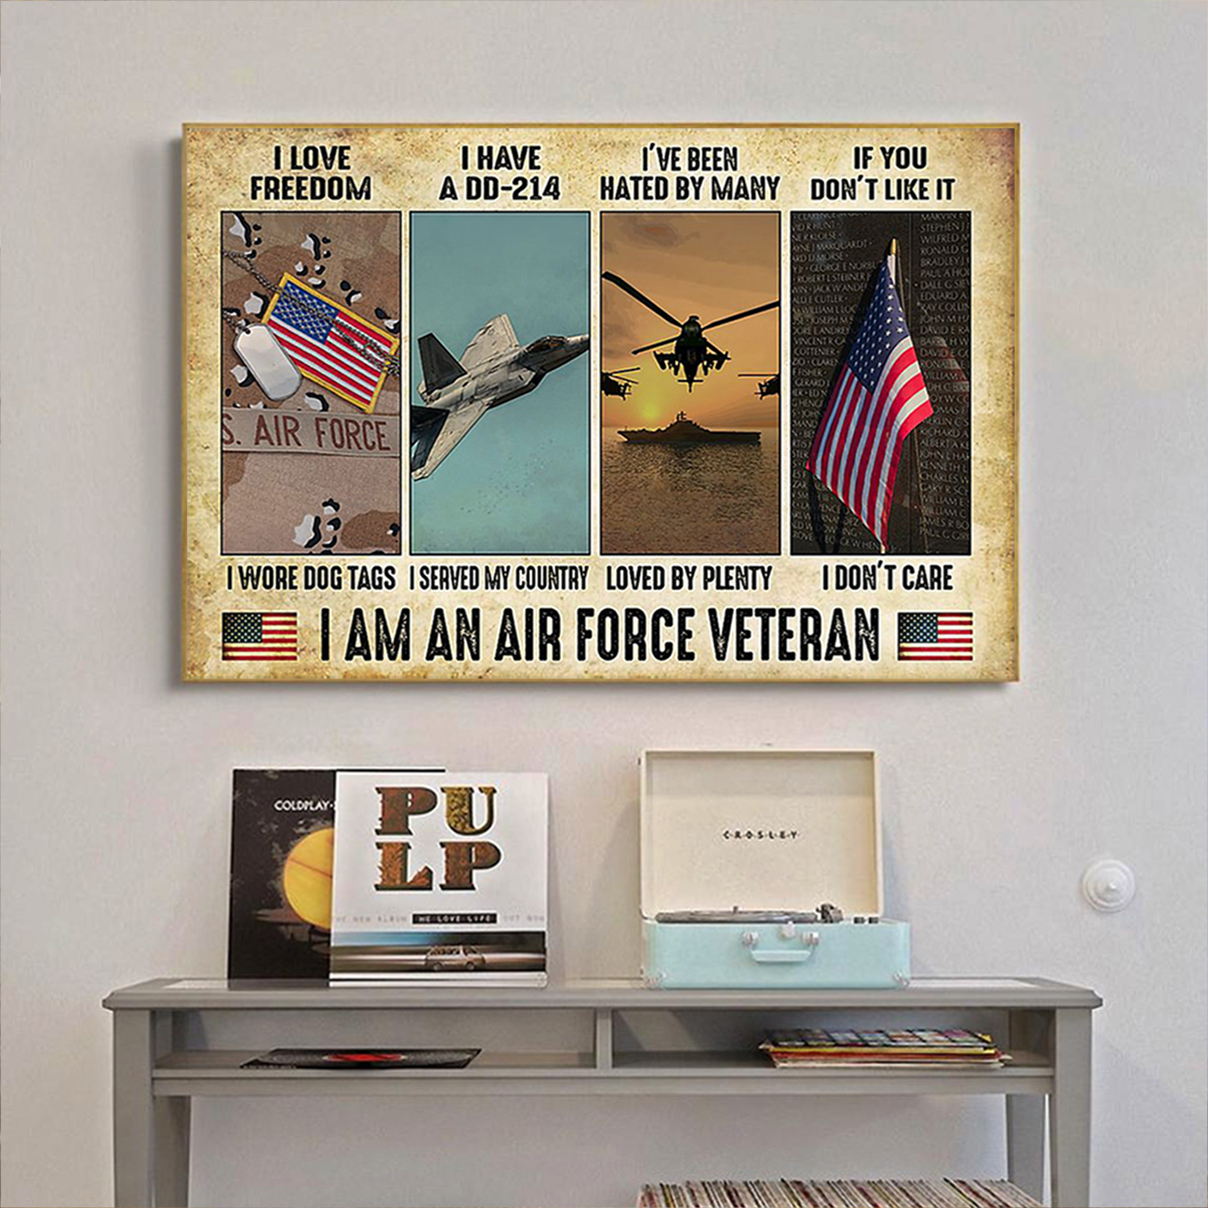 I am an air force veteran poster A3